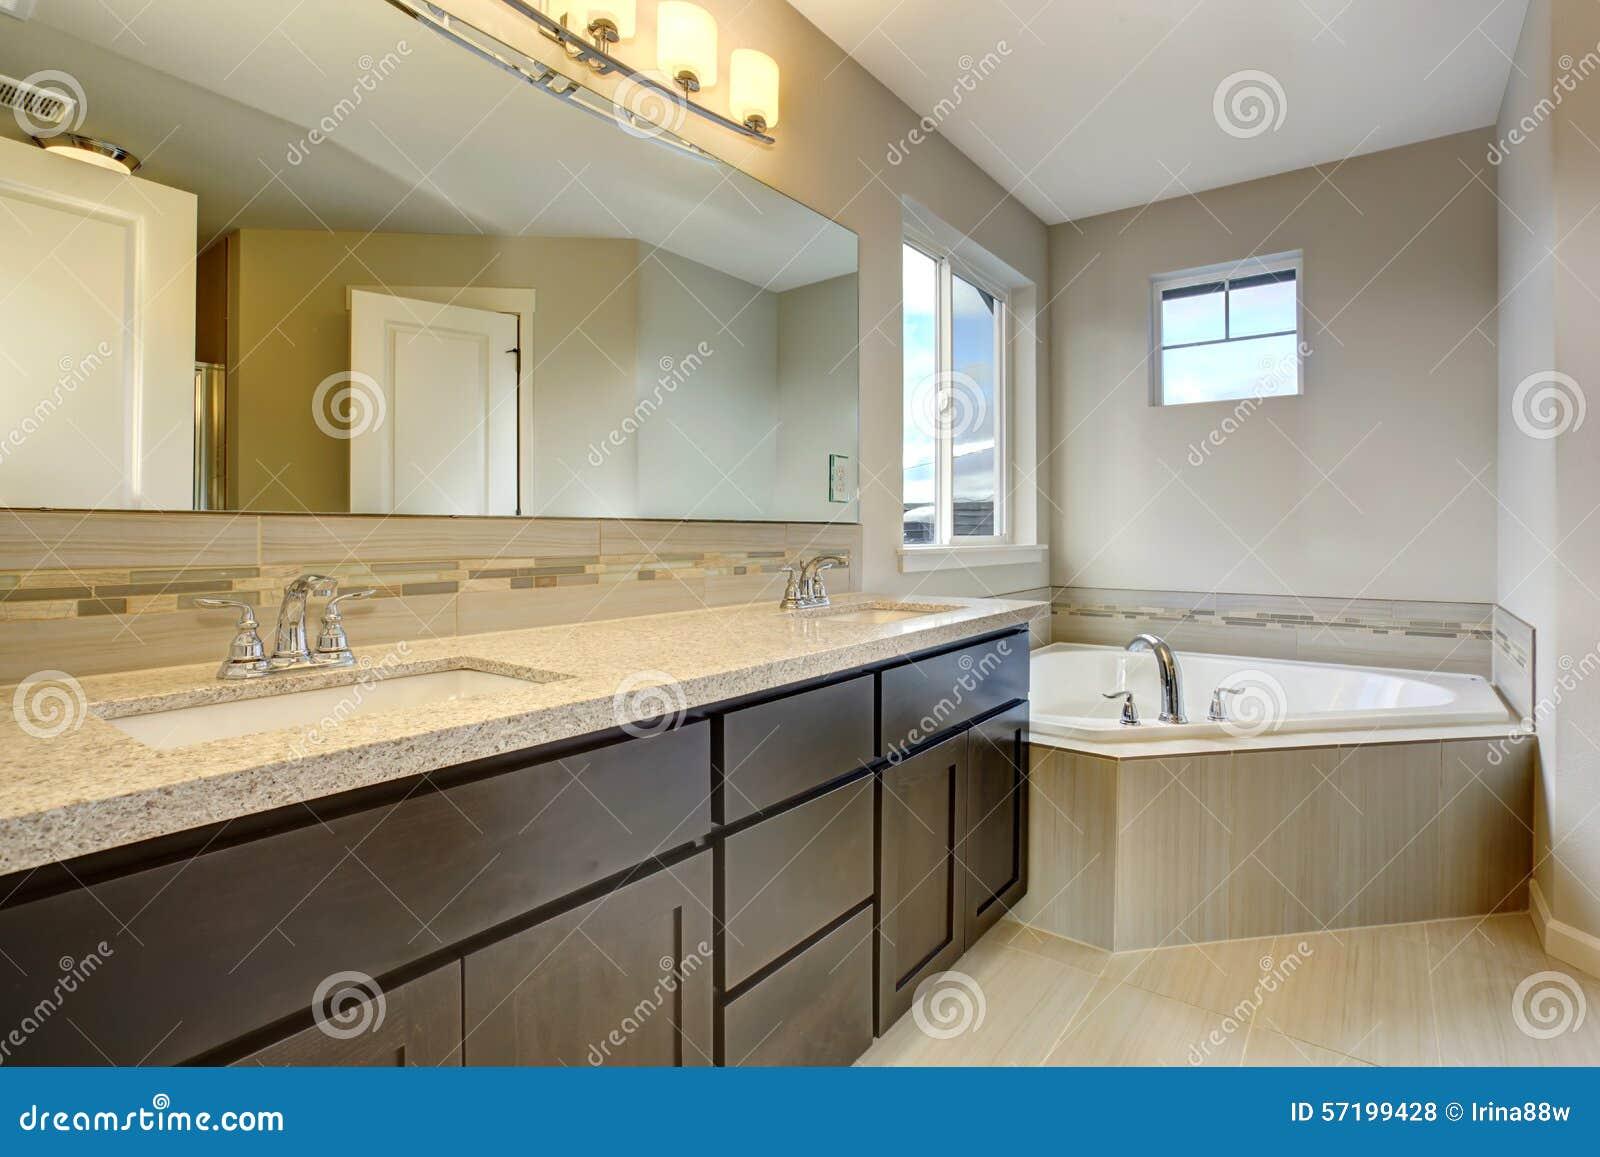 Mooie badkamers met grote badkuip stock foto afbeelding 57199428 - Mooie badkamers ...